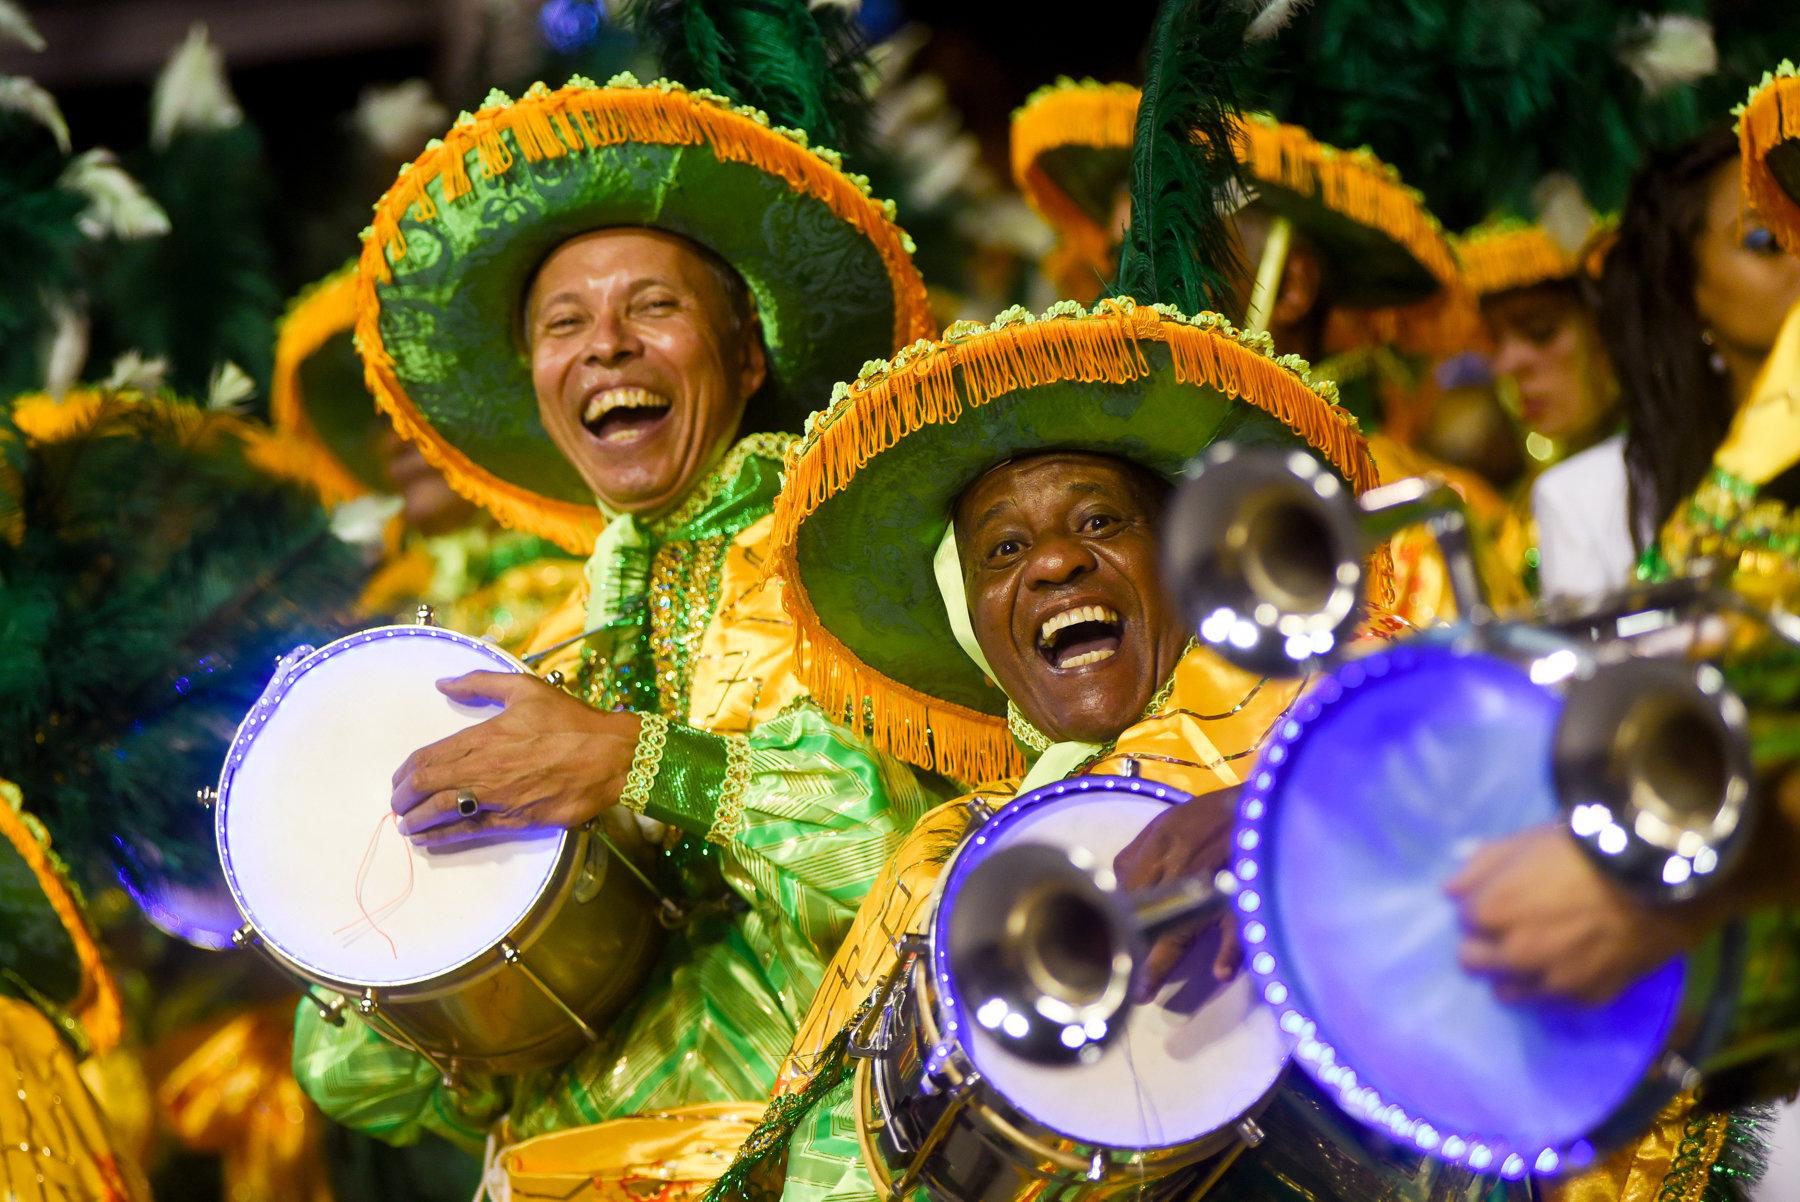 carnaval2016_site_4060.jpg